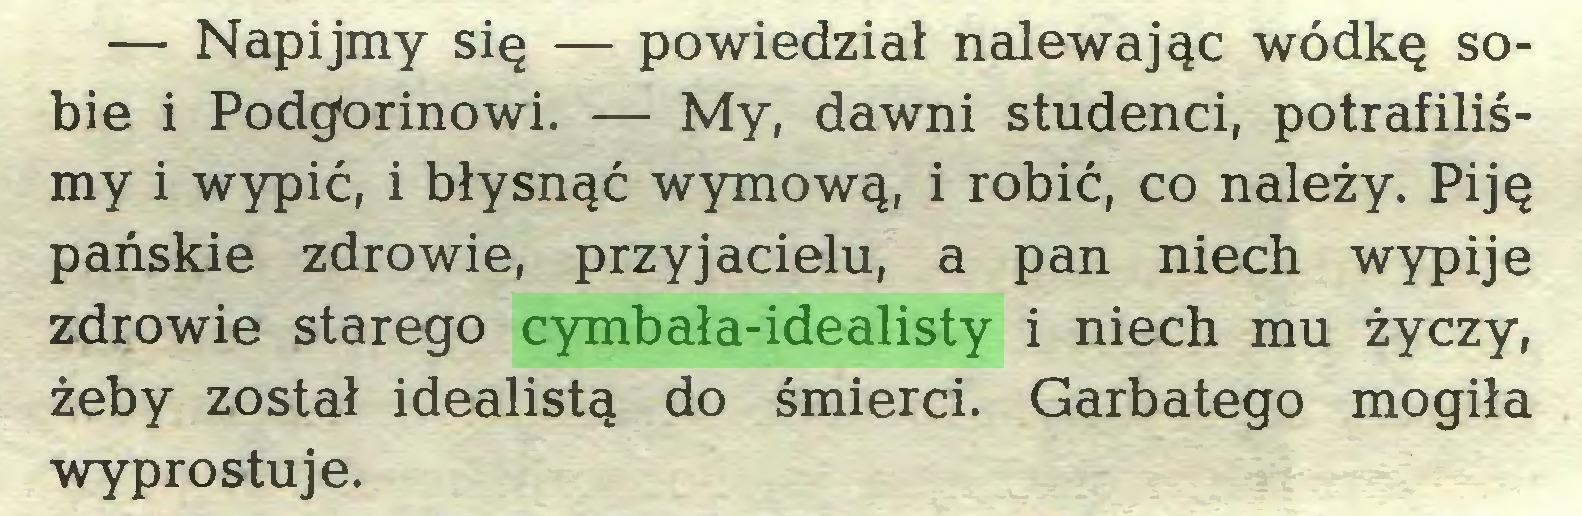 (...) — Napijmy się — powiedział nalewając wódkę sobie i Podgorinowi. — My, dawni studenci, potrafiliśmy i wypić, i błysnąć wymową, i robić, co należy. Piję pańskie zdrowie, przyjacielu, a pan niech wypije zdrowie starego cymbała-idealisty i niech mu życzy, żeby został idealistą do śmierci. Garbatego mogiła wyprostuje...